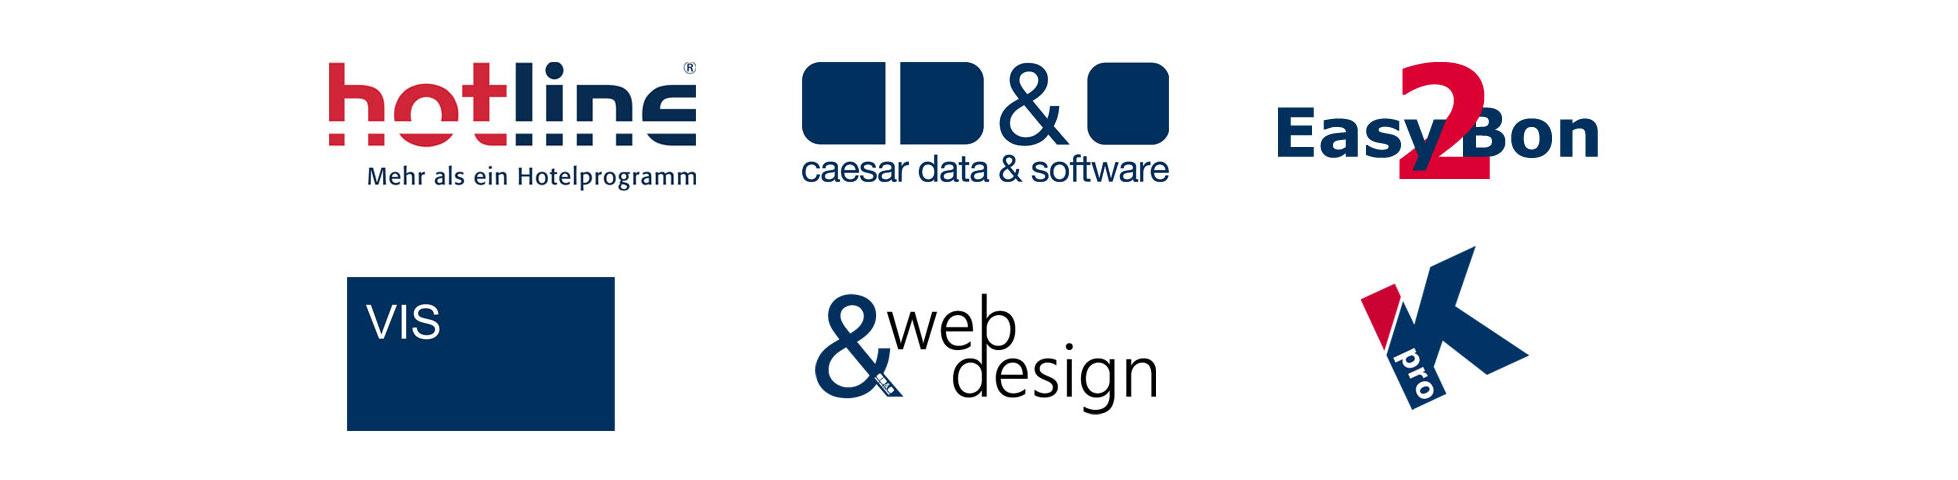 Die Marken der SoftTec GmbH: hotline Hotelsoftware, Online-Buchungssystem, Kassensystem, Außendienst Steuerung, Web Design